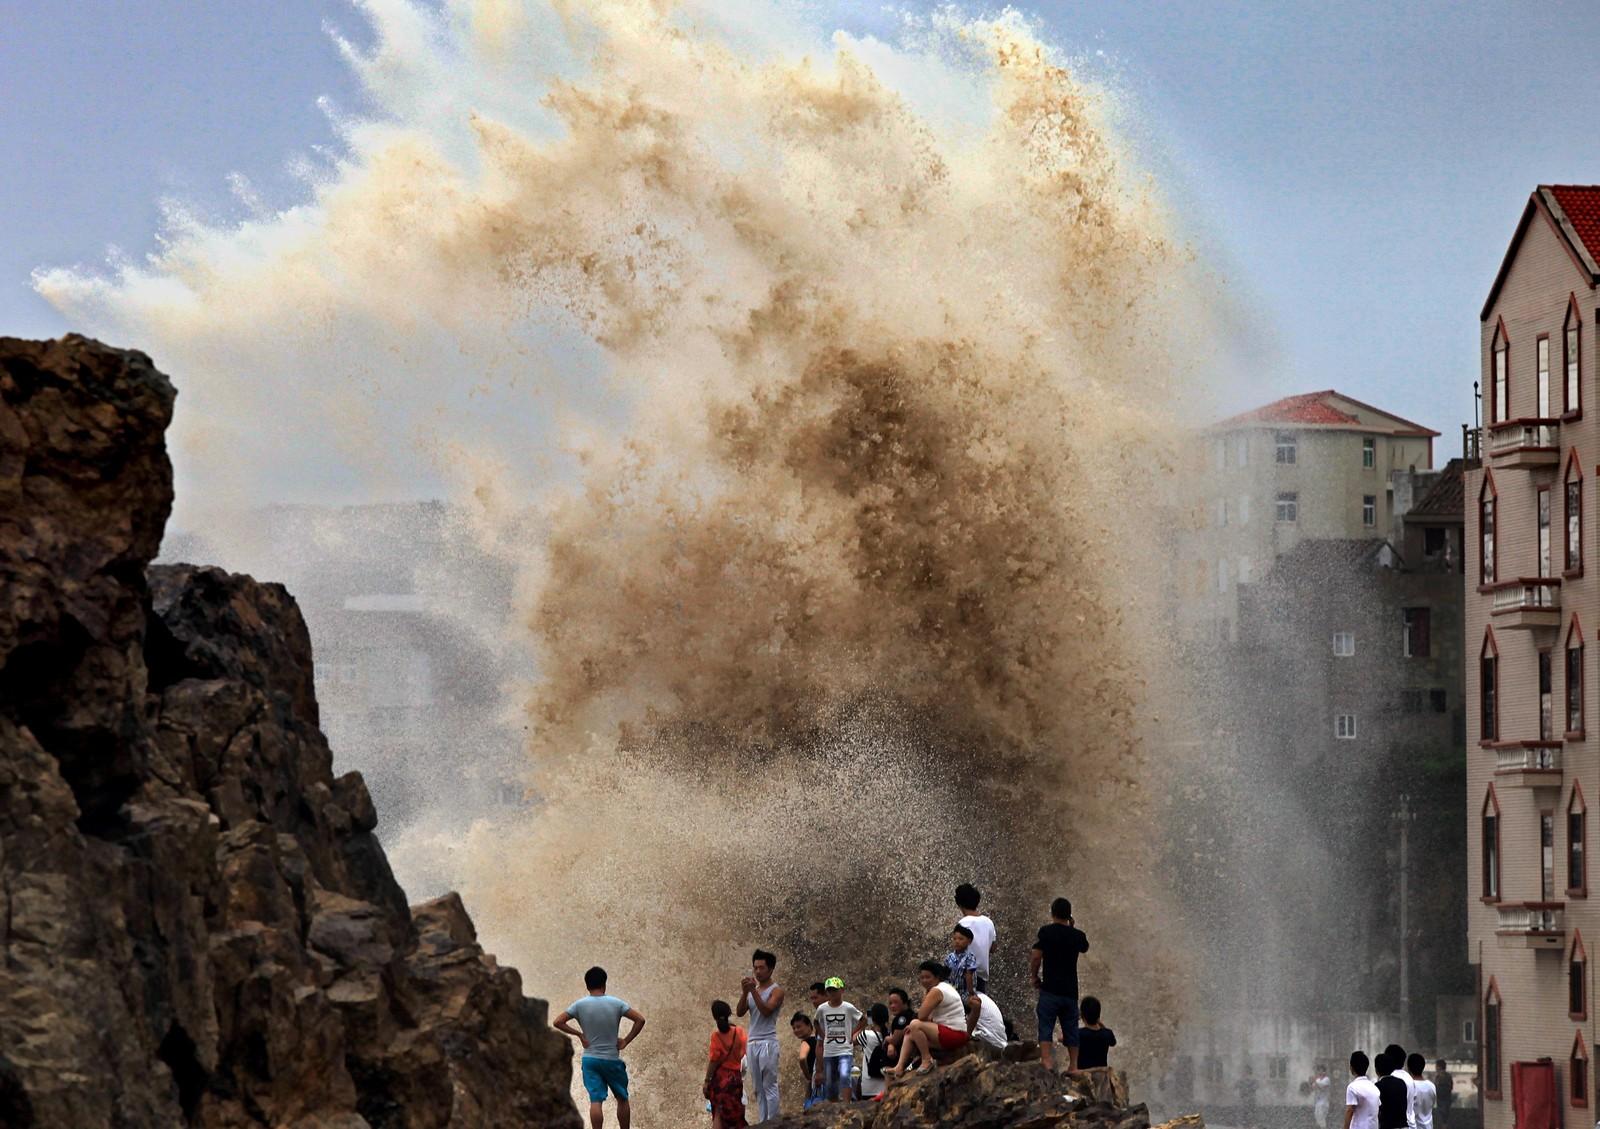 Gigantbølger slo inn over gatene i Wenling i Kina da tyfonen Soudelor herjet i august.